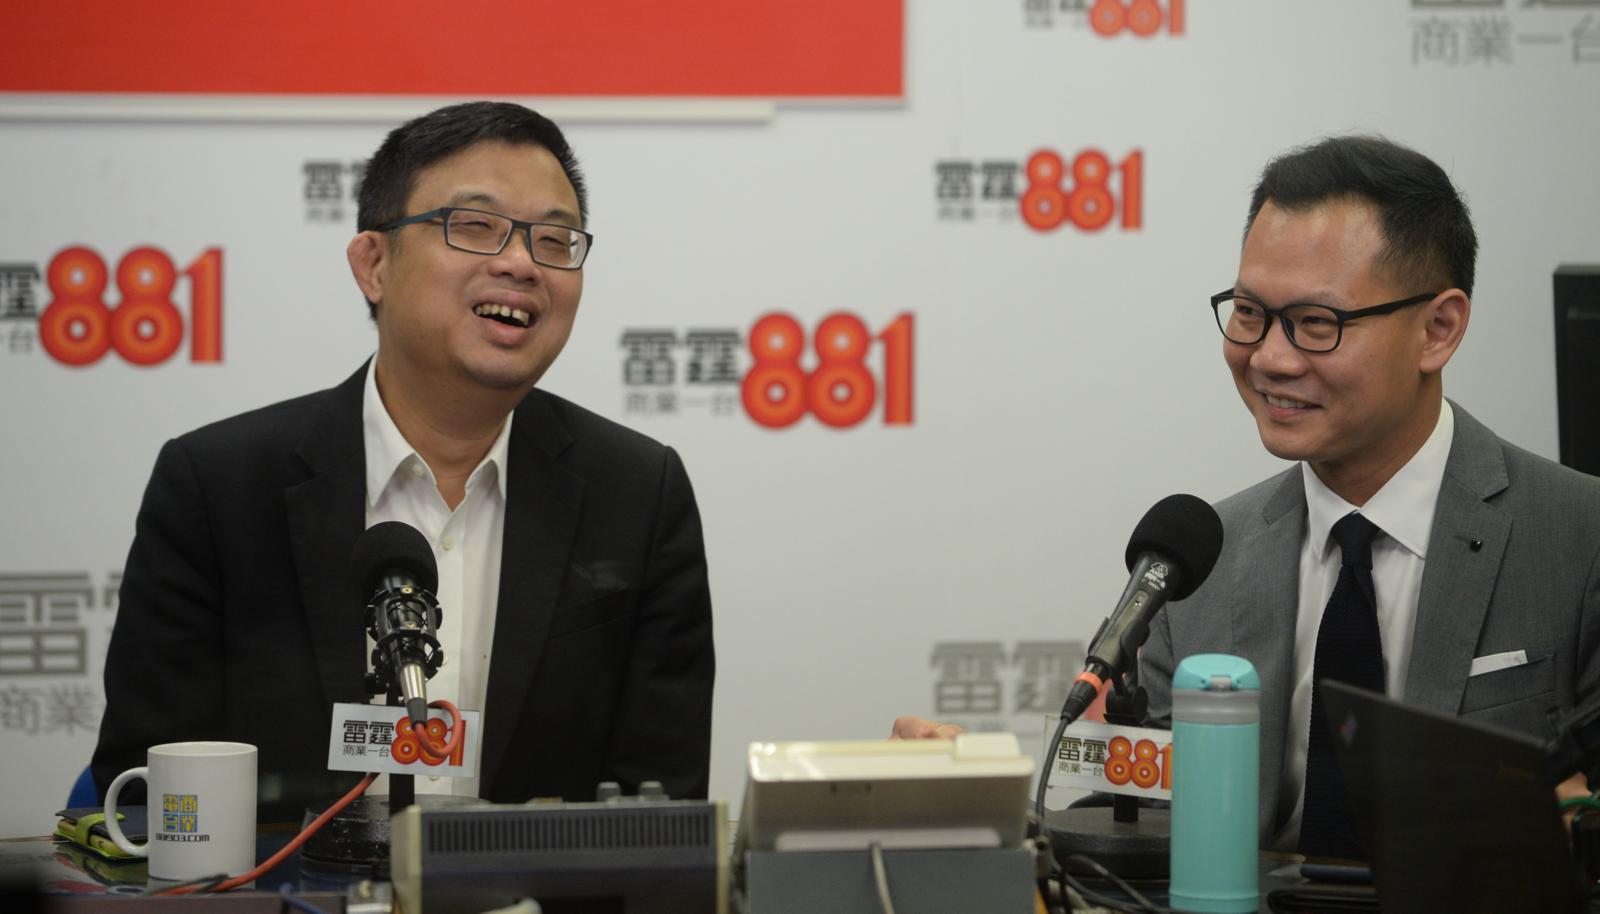 涂謹申(左);郭榮鏗(右)。